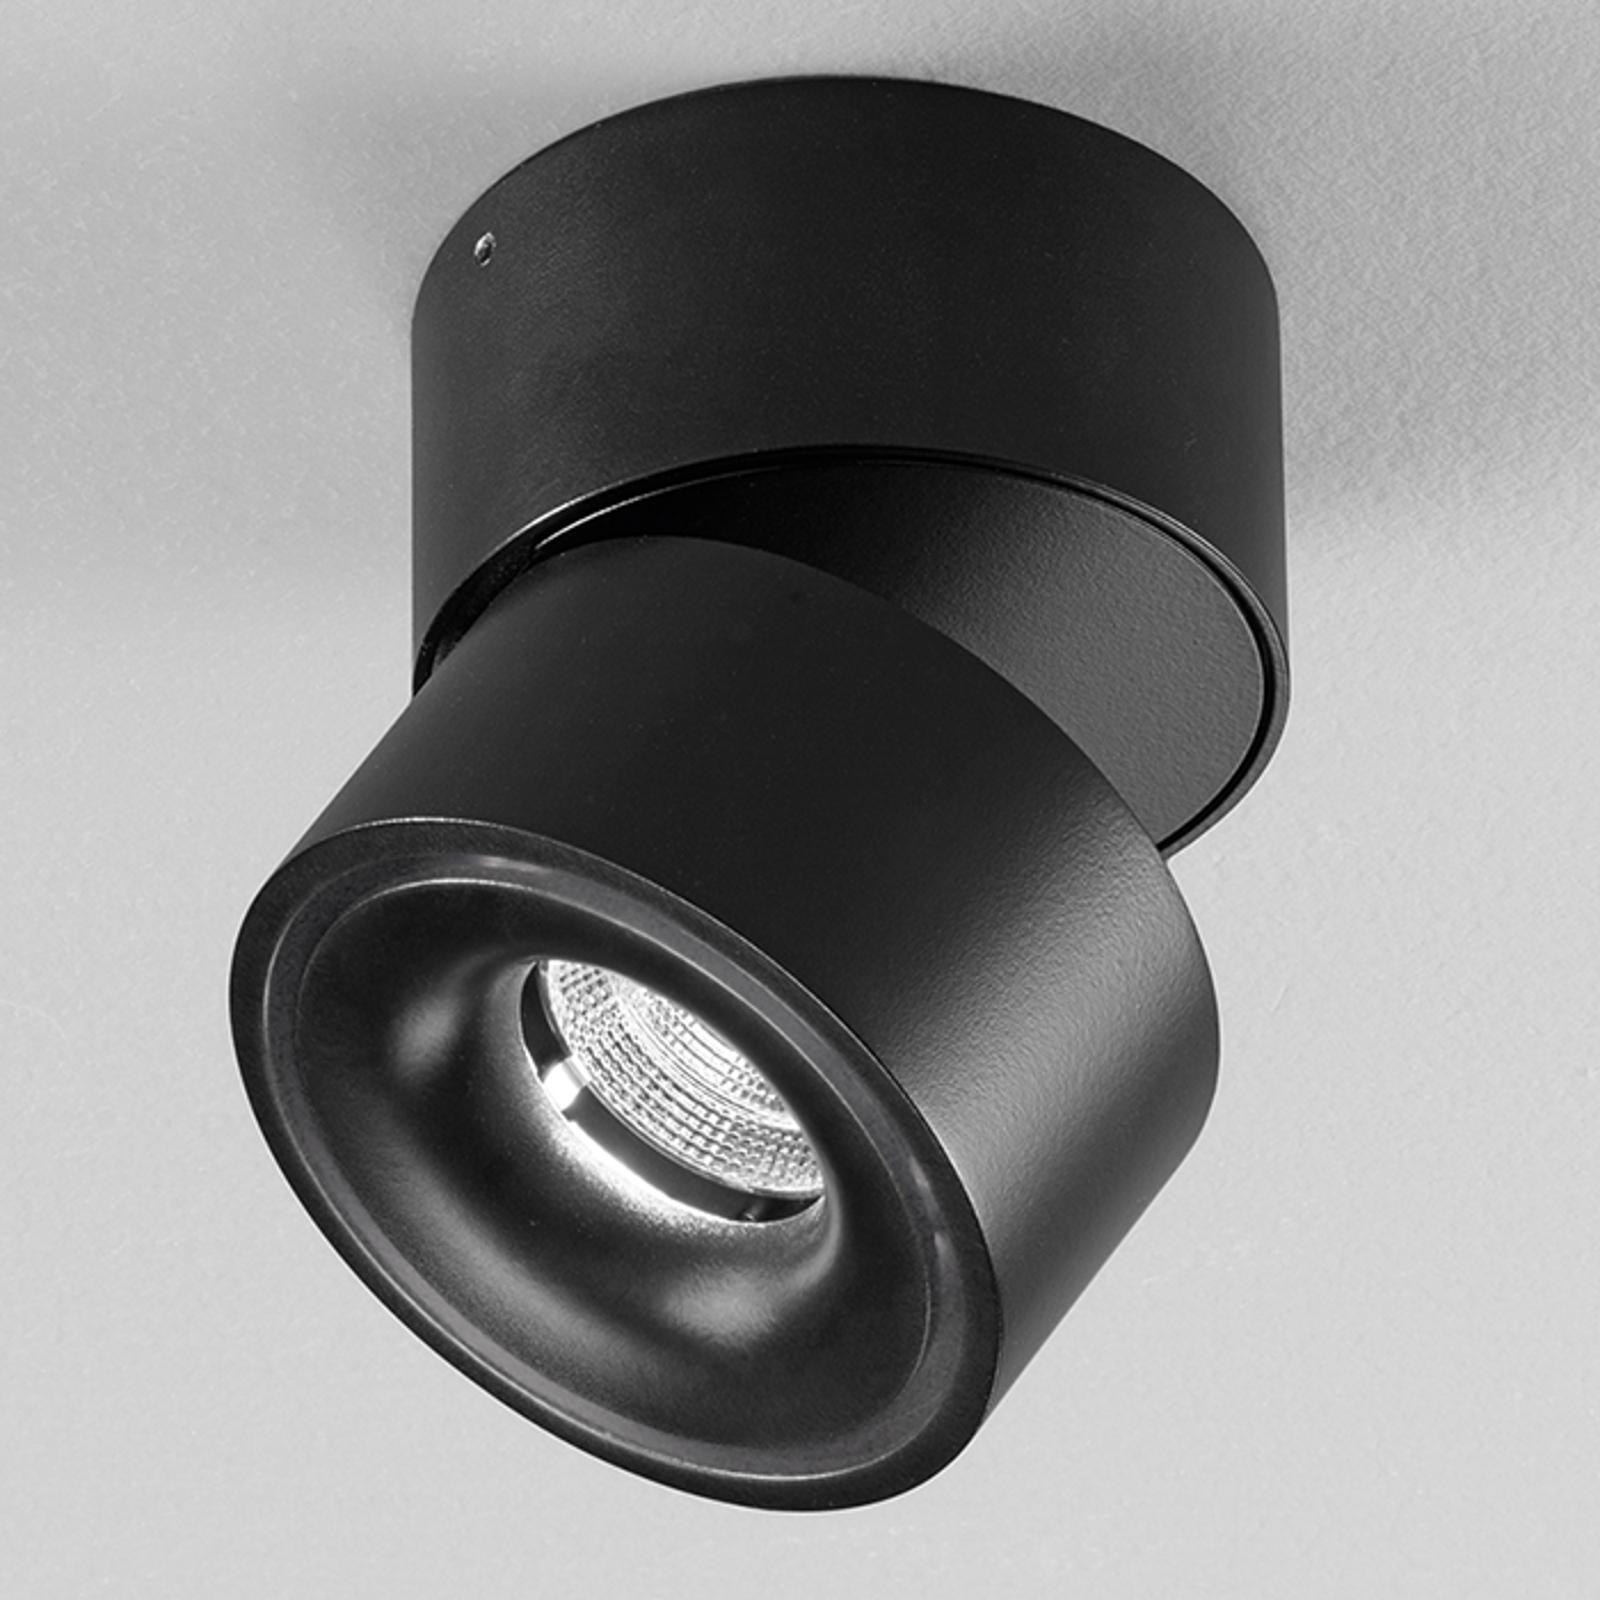 Clippo - LED-spot i svart aluminium, dimbar